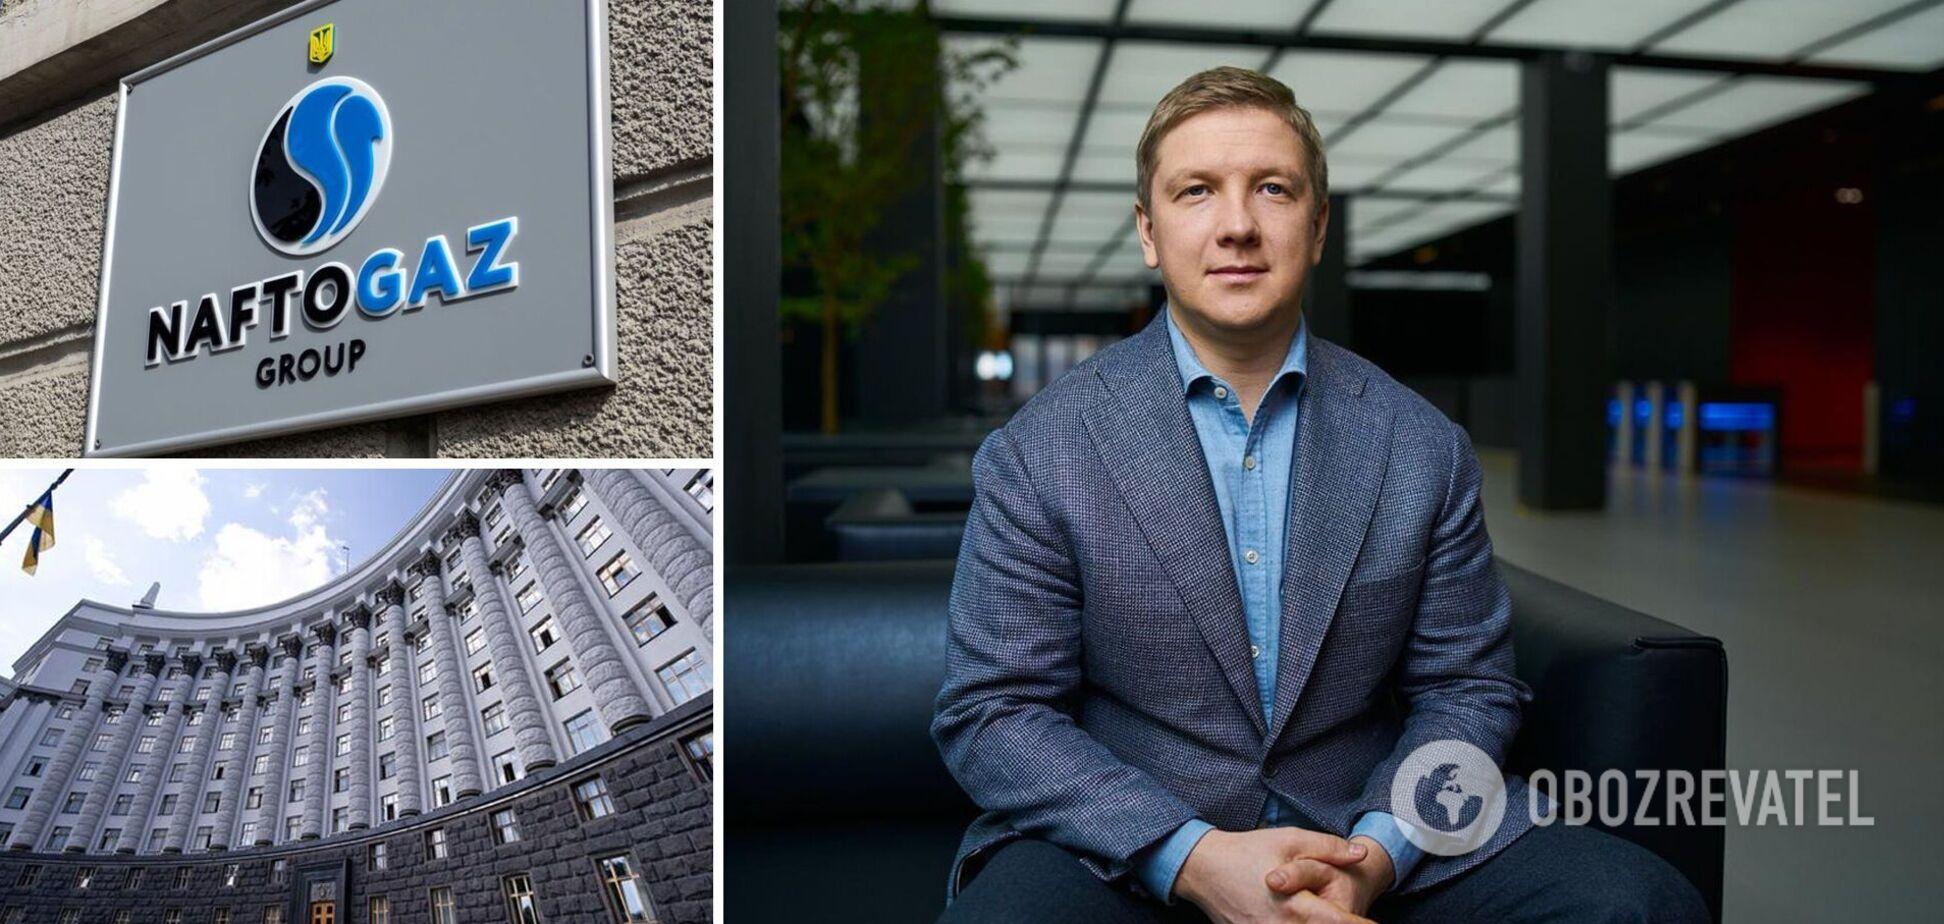 Коболев планирует обжаловать свое увольнение из 'Нафтогаза' в суде